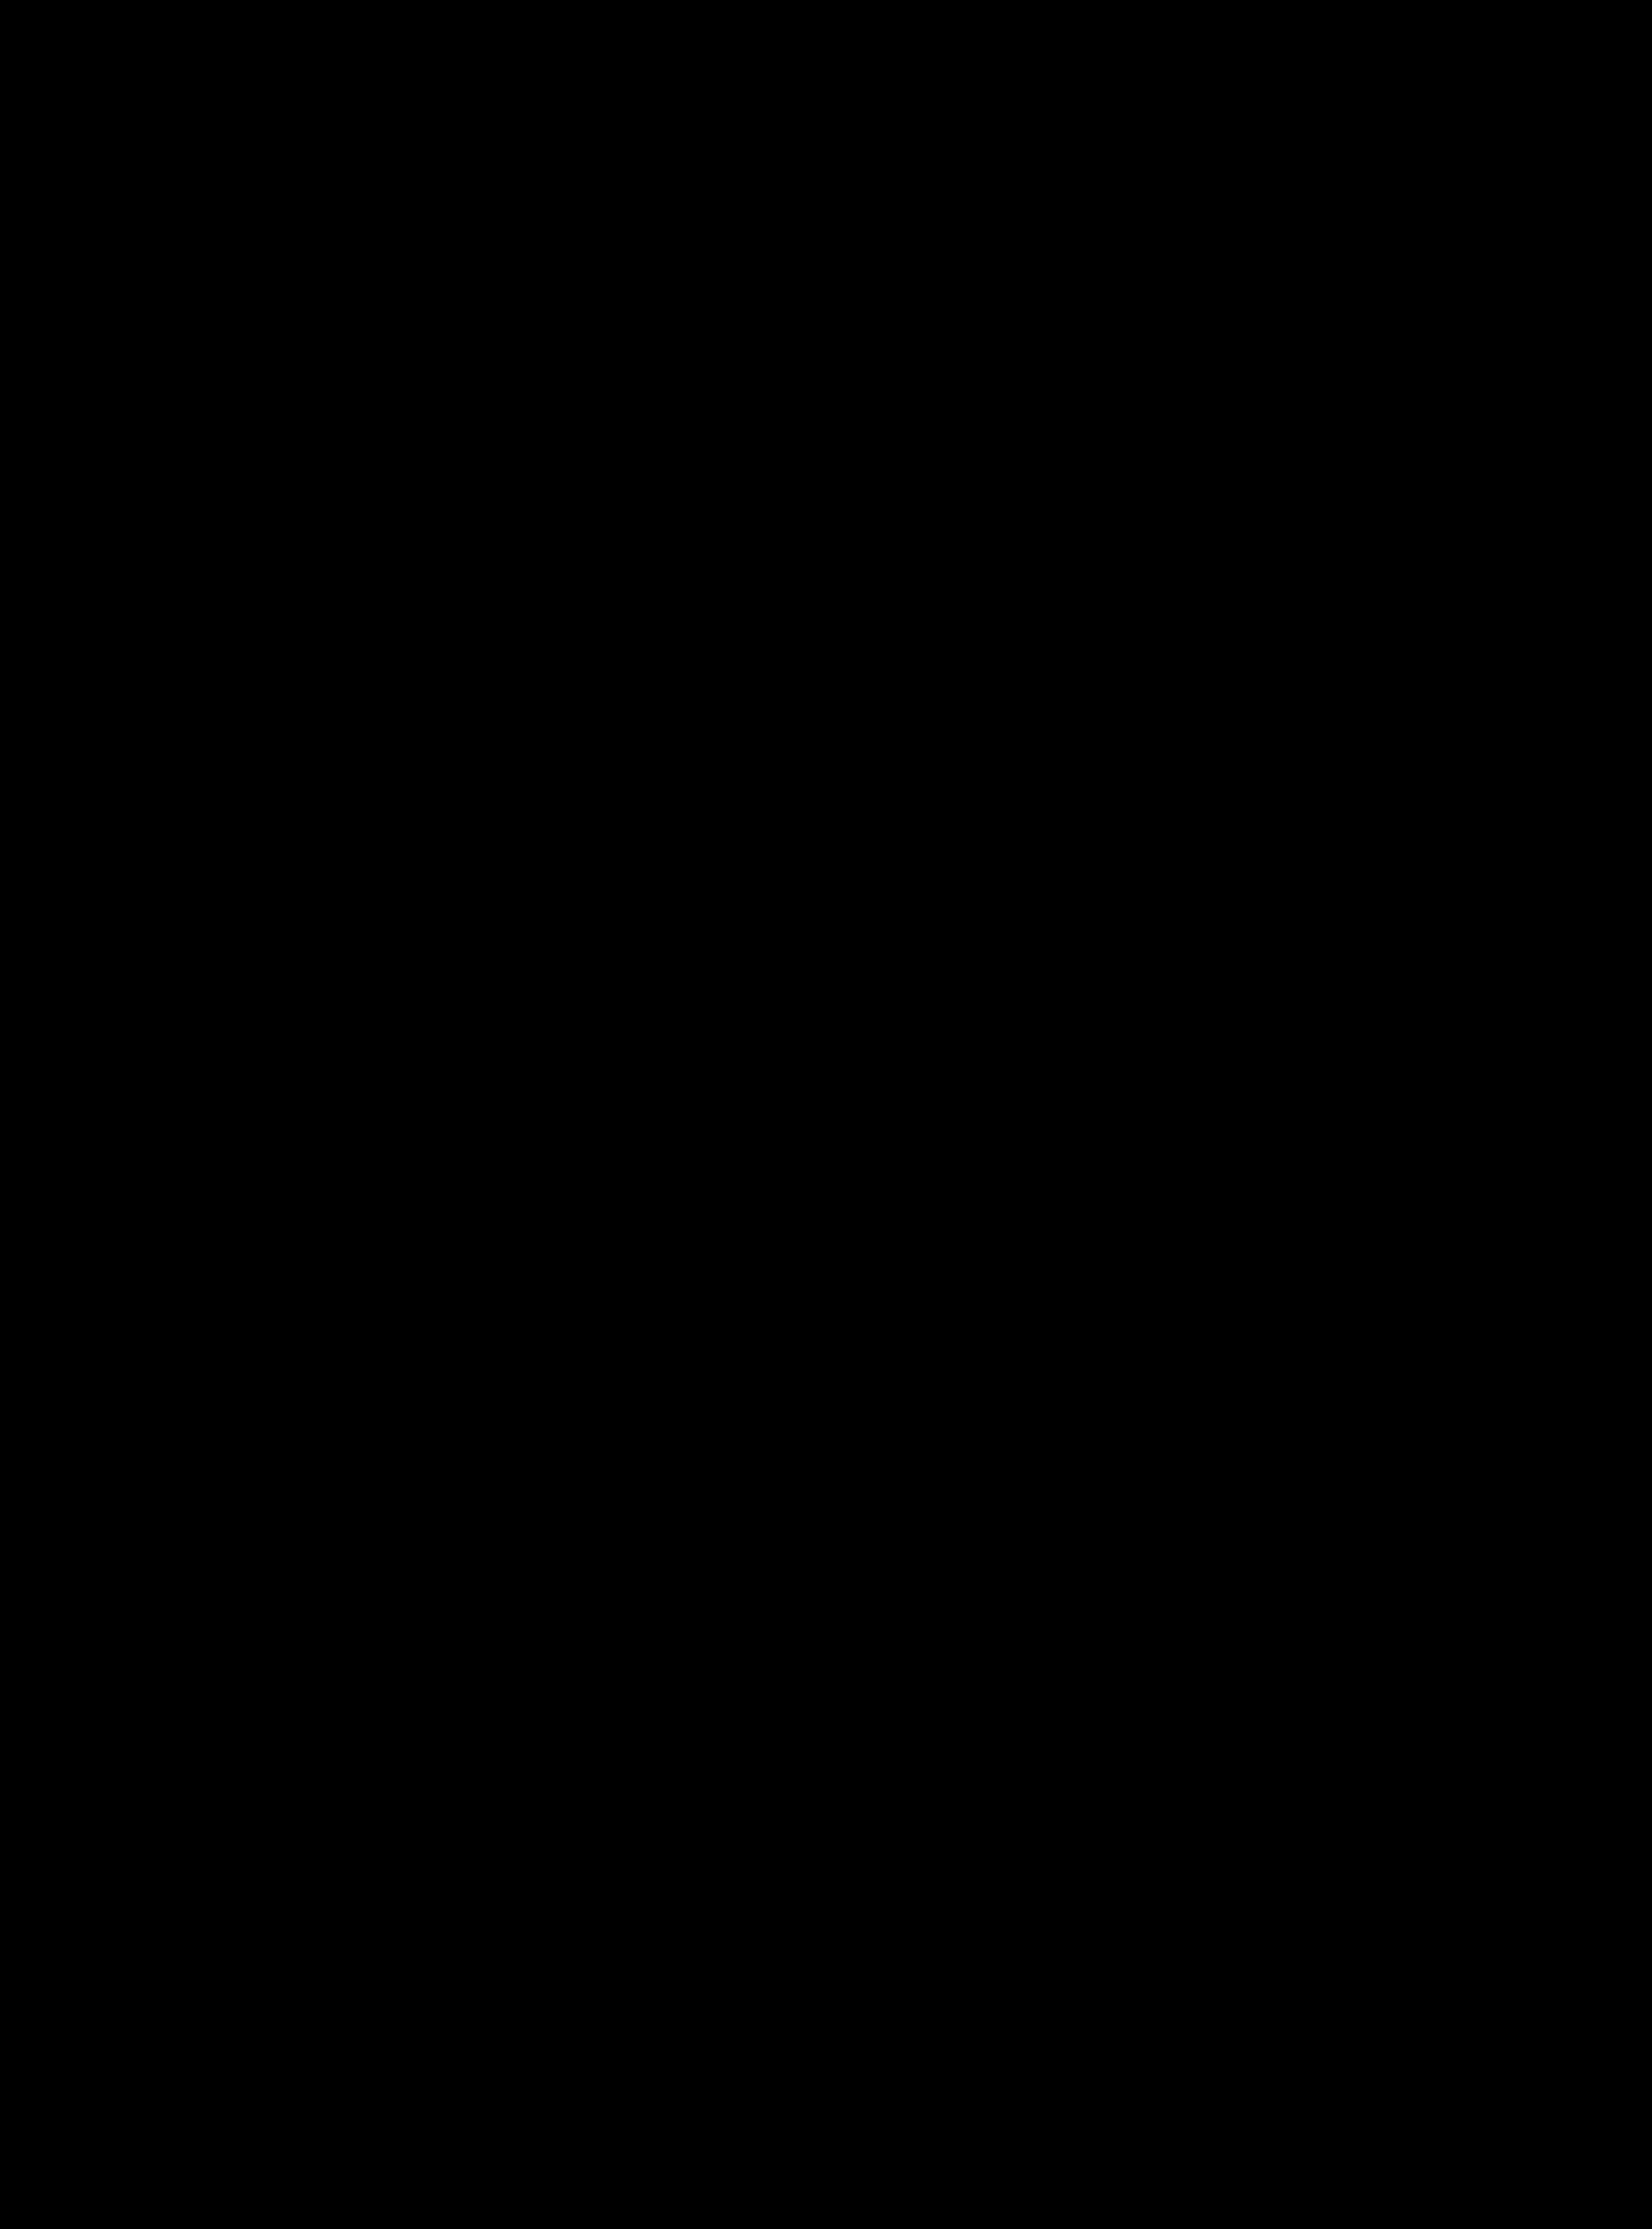 kart over norge jpg File:Kart over Norges militære inddeling   no nb krt 00594.  kart over norge jpg